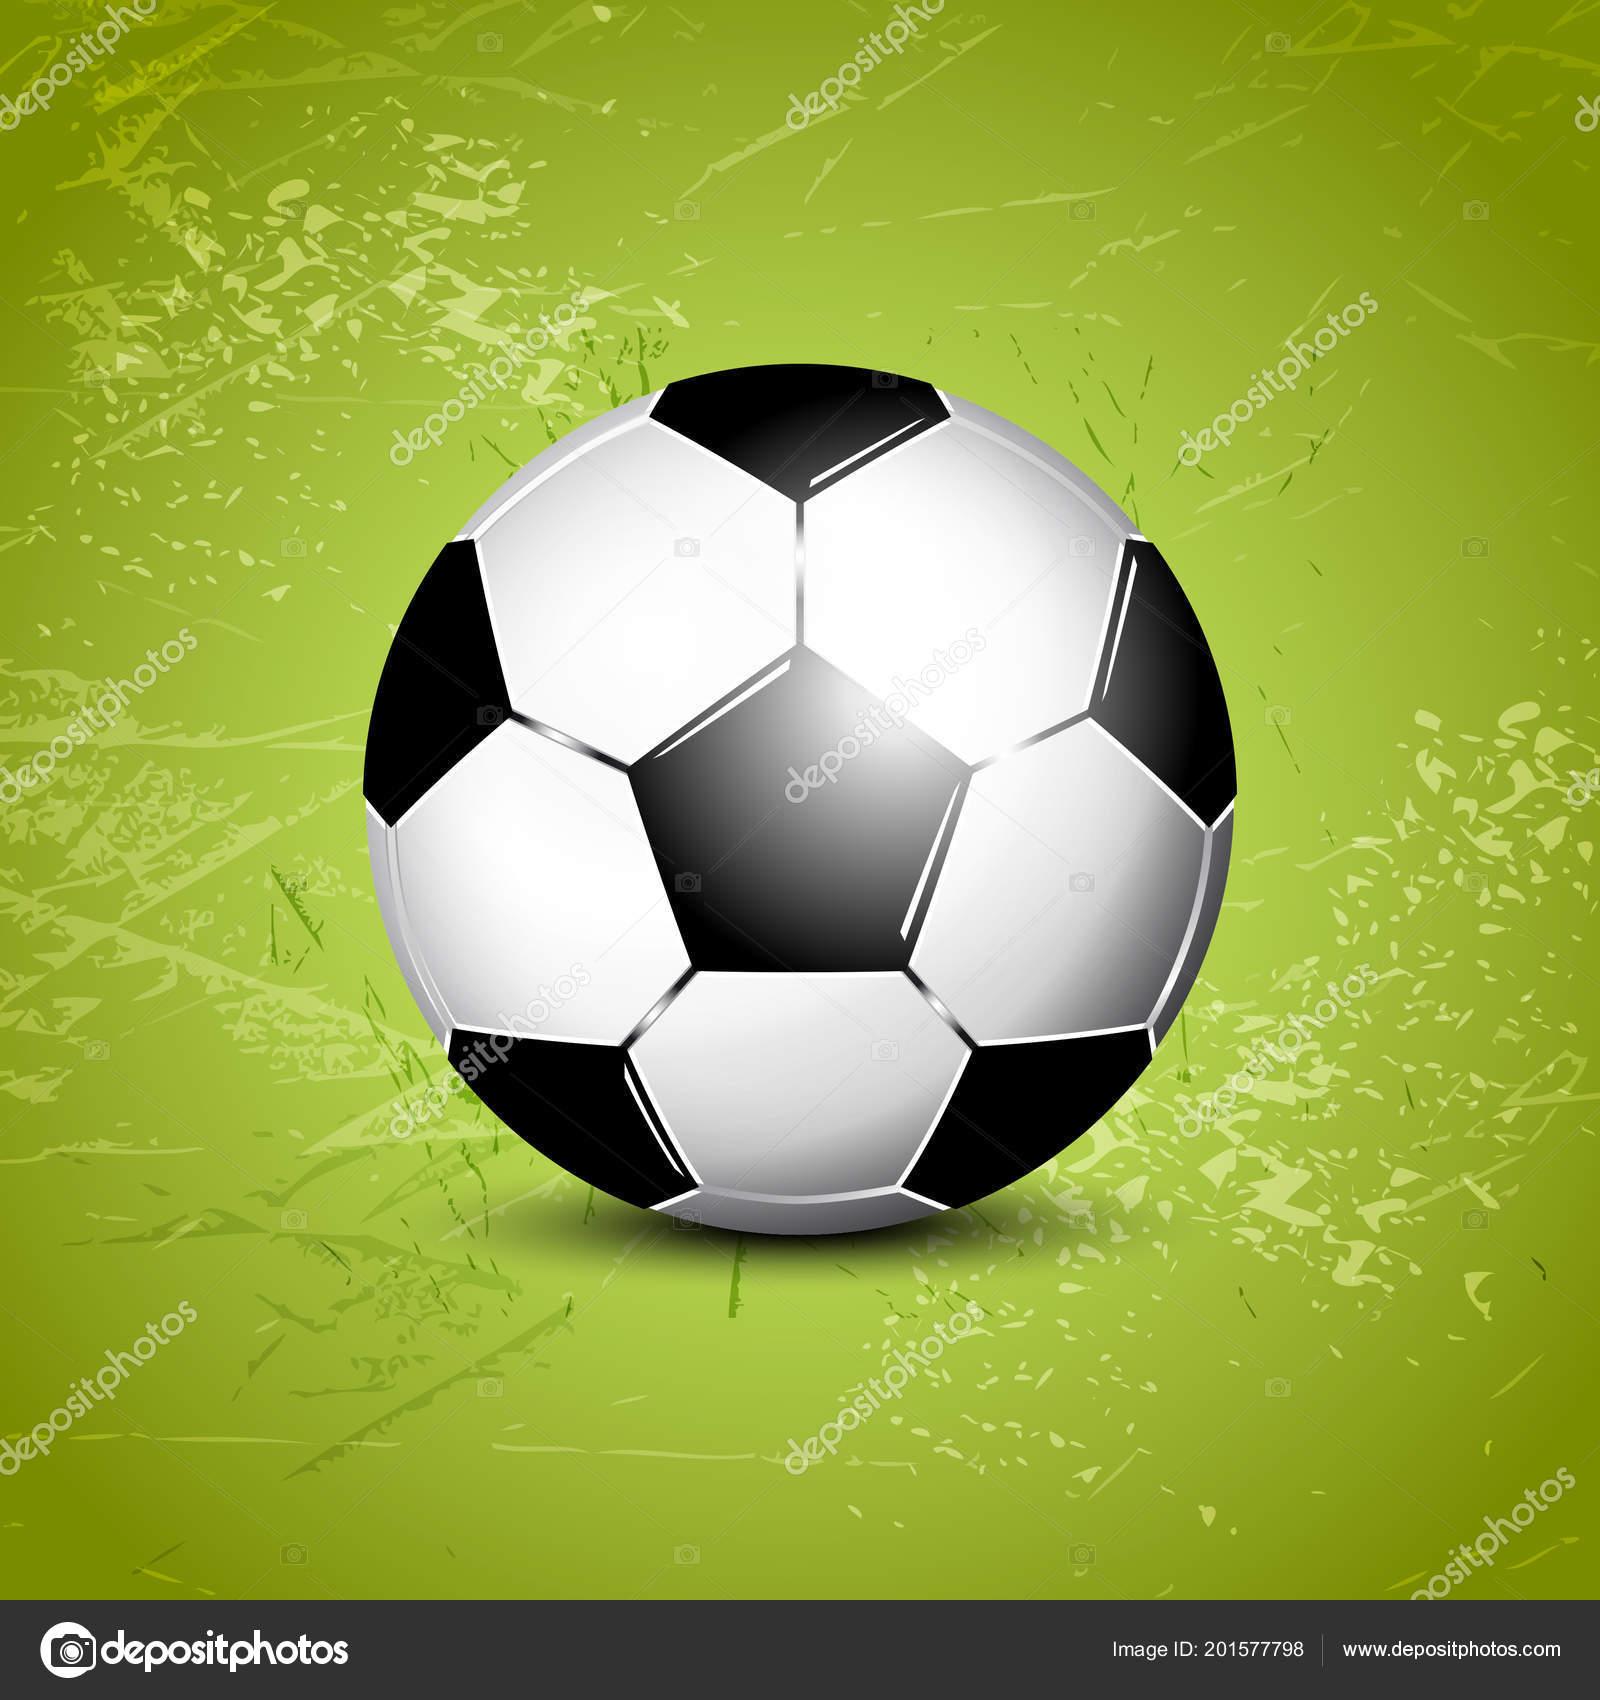 soccer ball abstract green grass field background football template